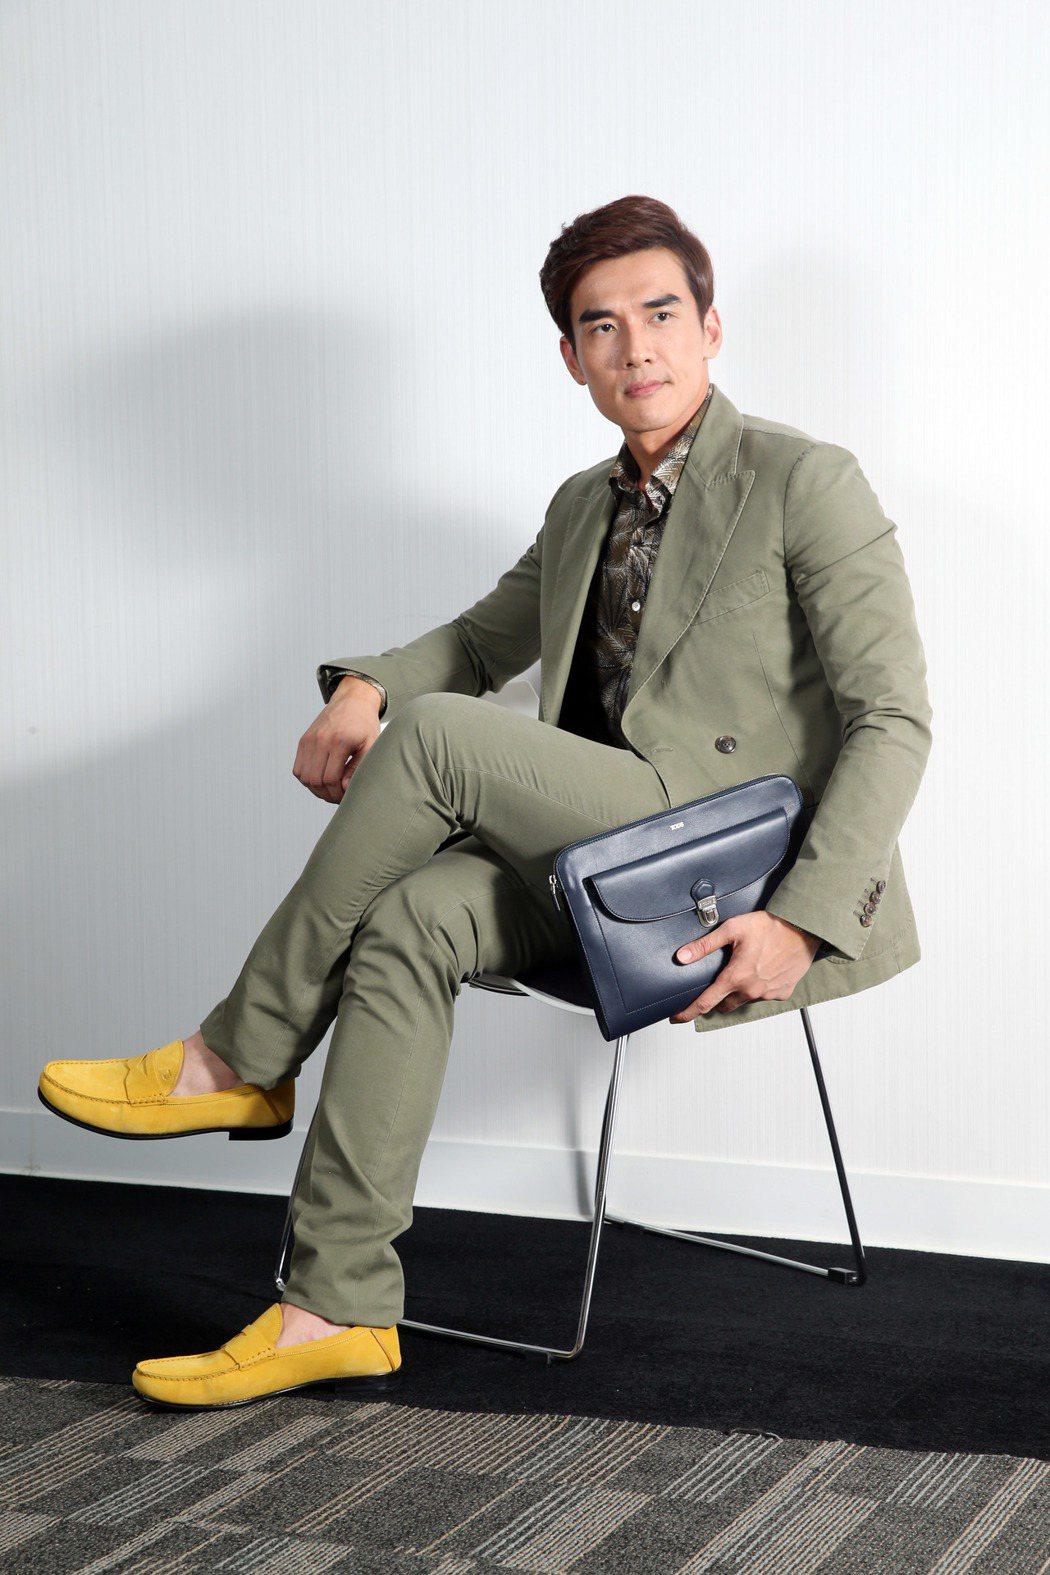 楊一展身穿TOD'S春夏新裝,展現時尚型男的魅力。記者陳瑞源/攝影